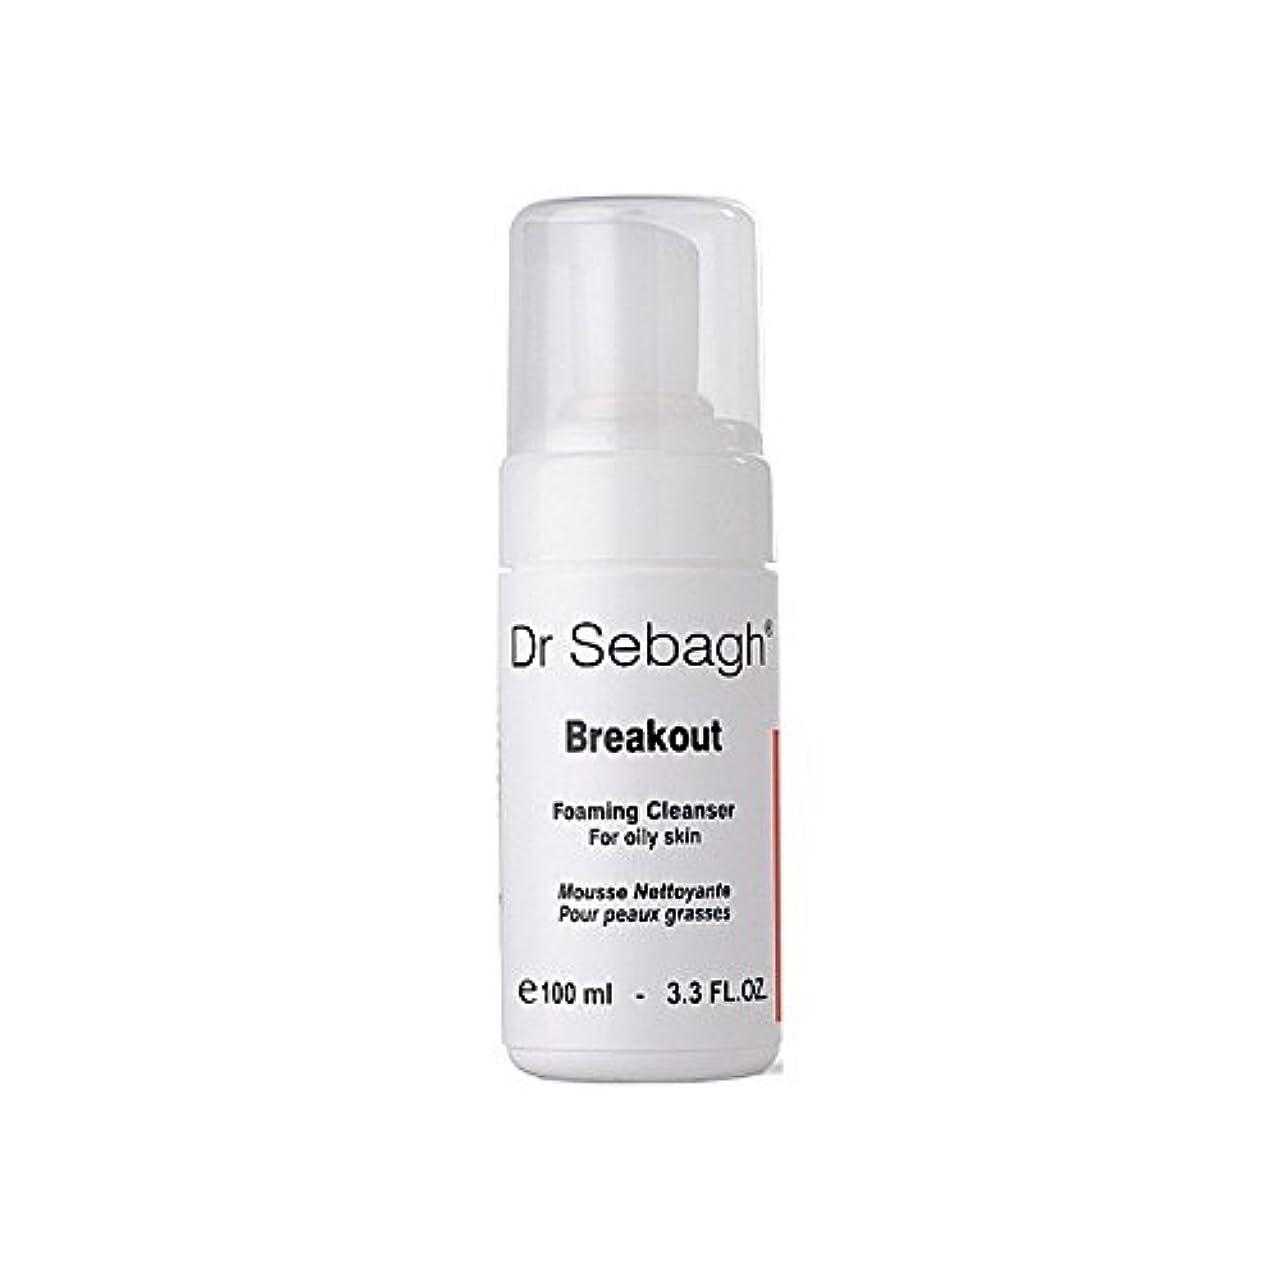 うぬぼれたケーキエゴマニアDr Sebagh Breakout Foaming Cleanser (Pack of 6) - クレンザーを発泡の のブレイクアウト x6 [並行輸入品]